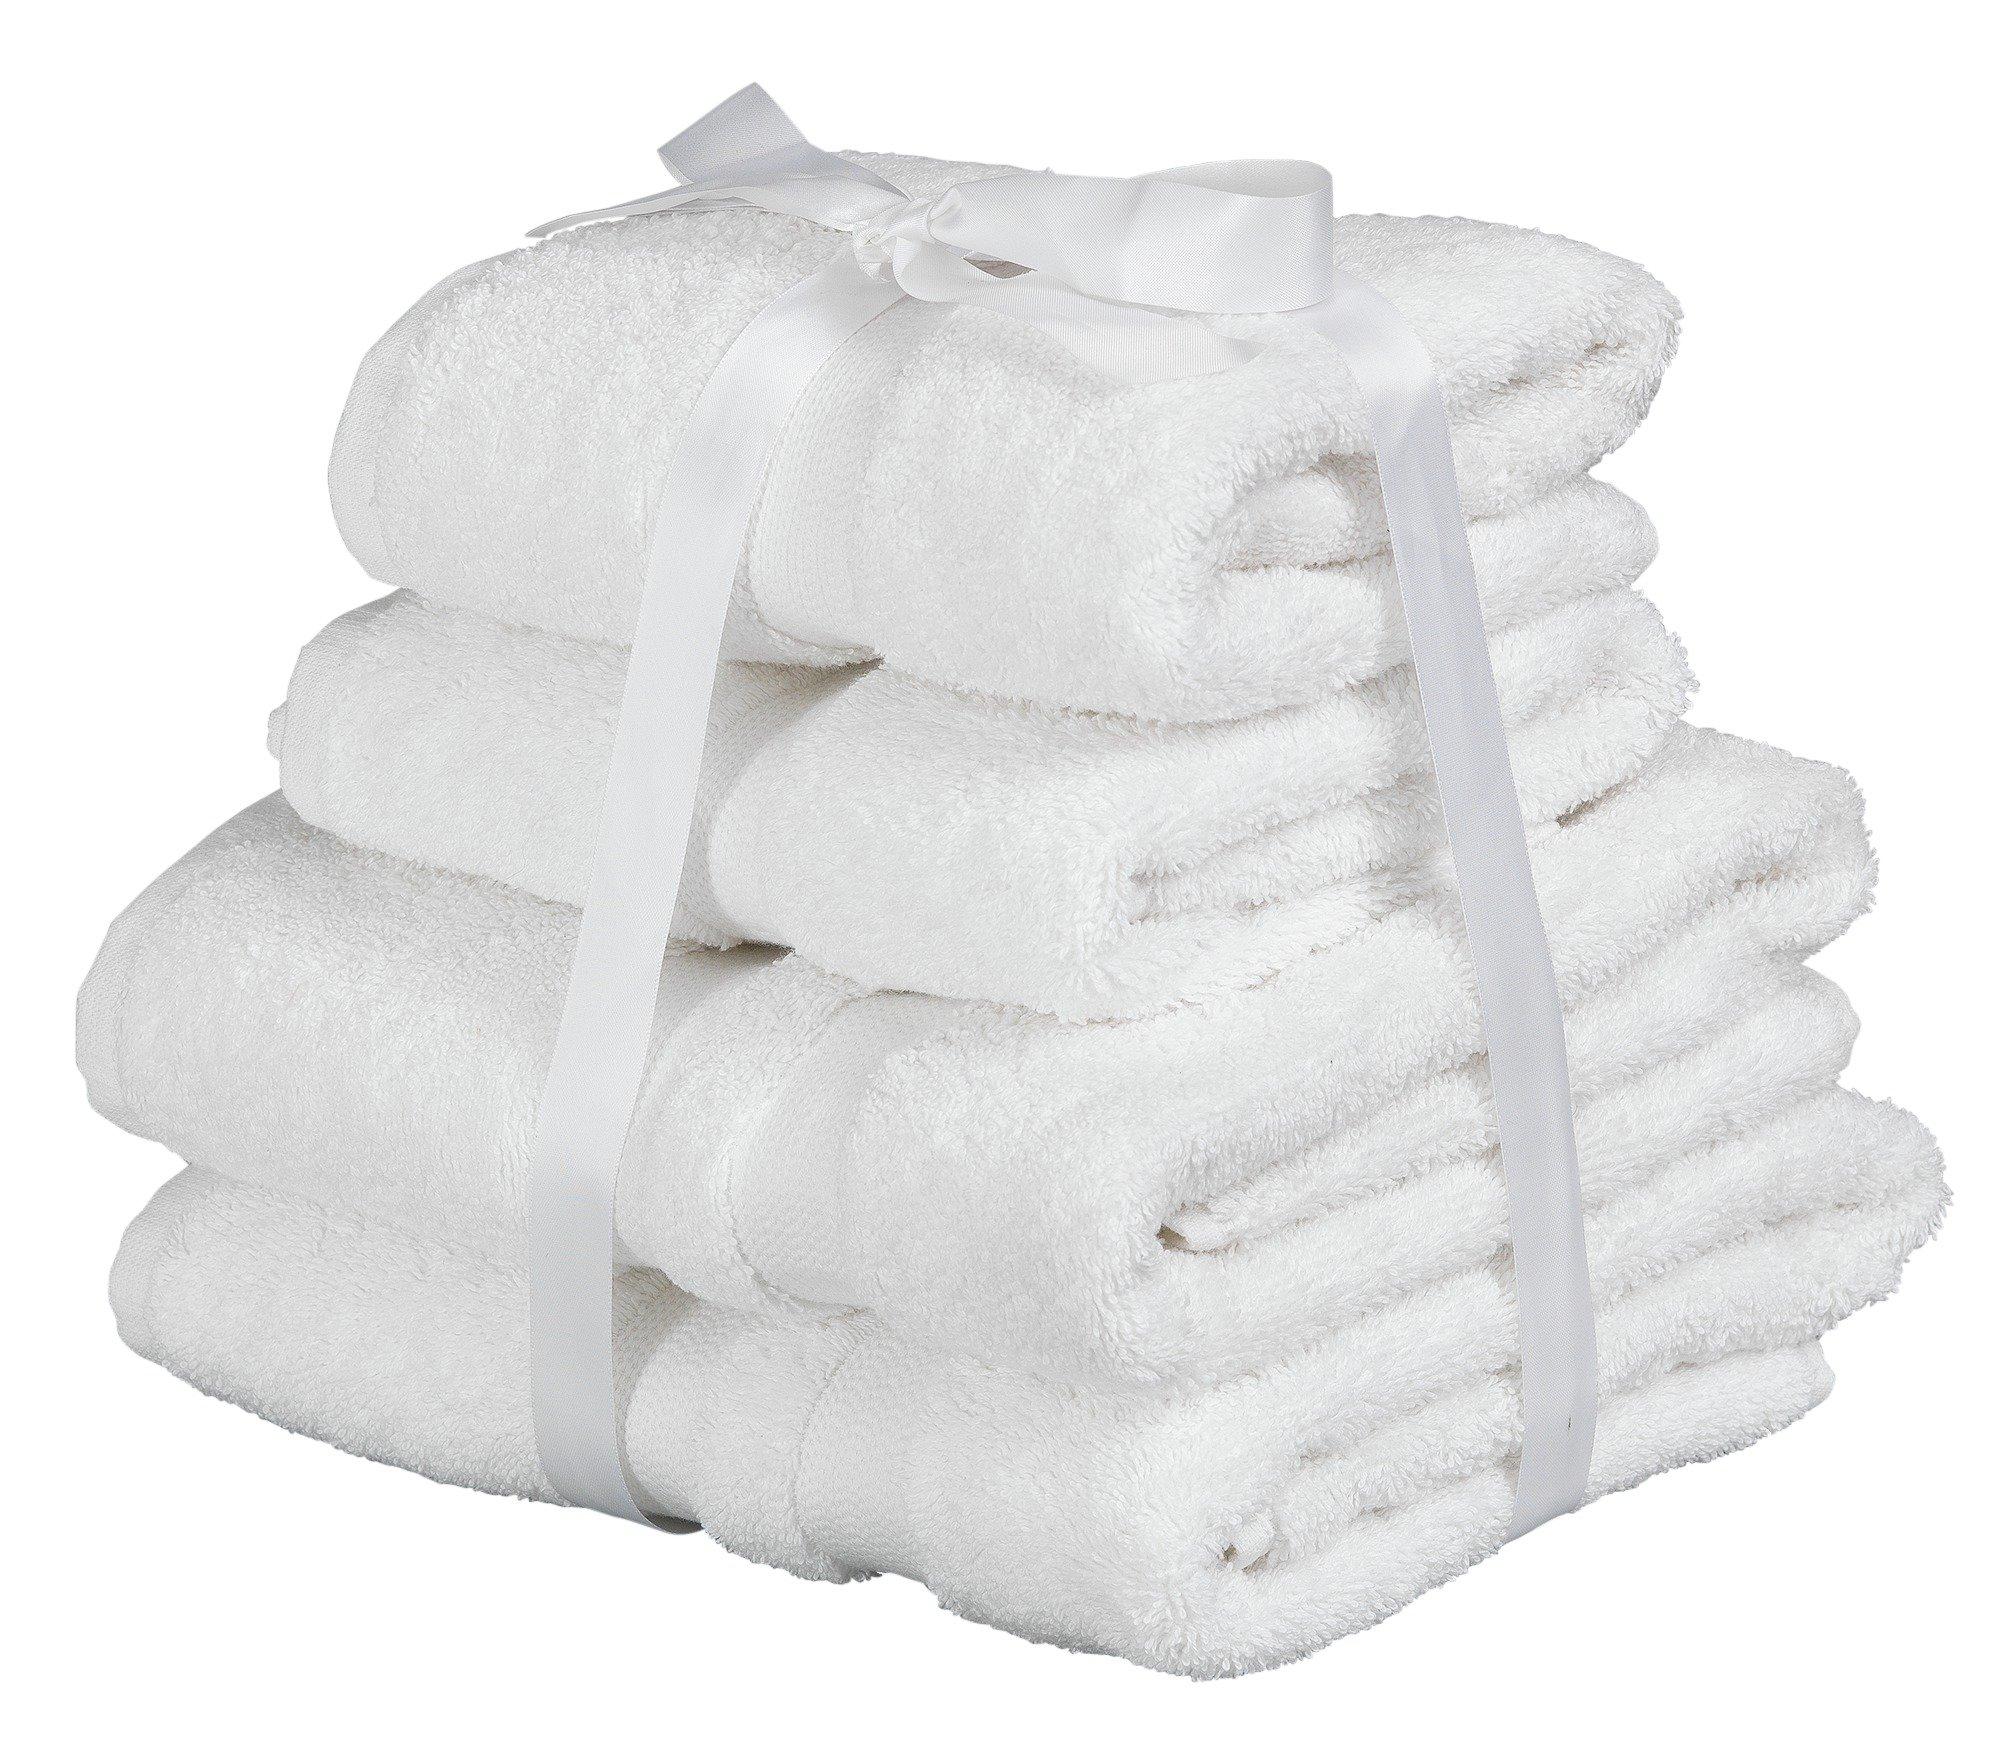 White apron argos - Heart Of House Egyptian Cotton 4 Piece Towel